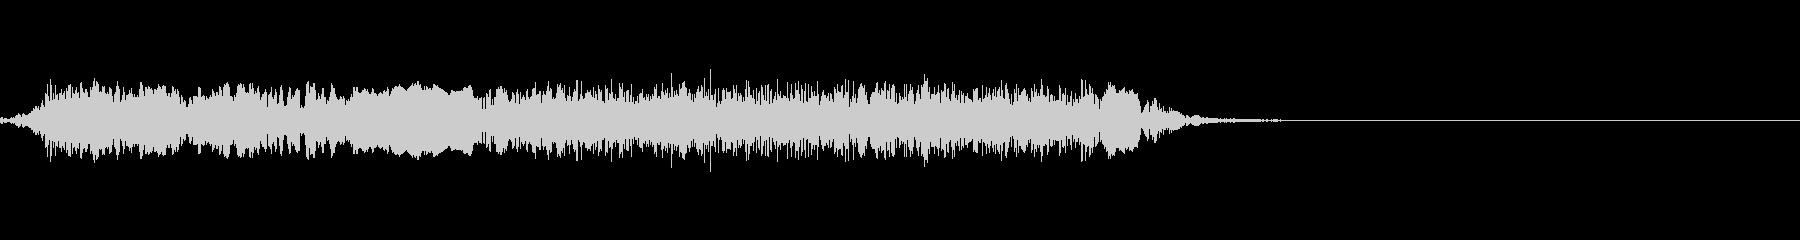 シンプルな叫び声の未再生の波形